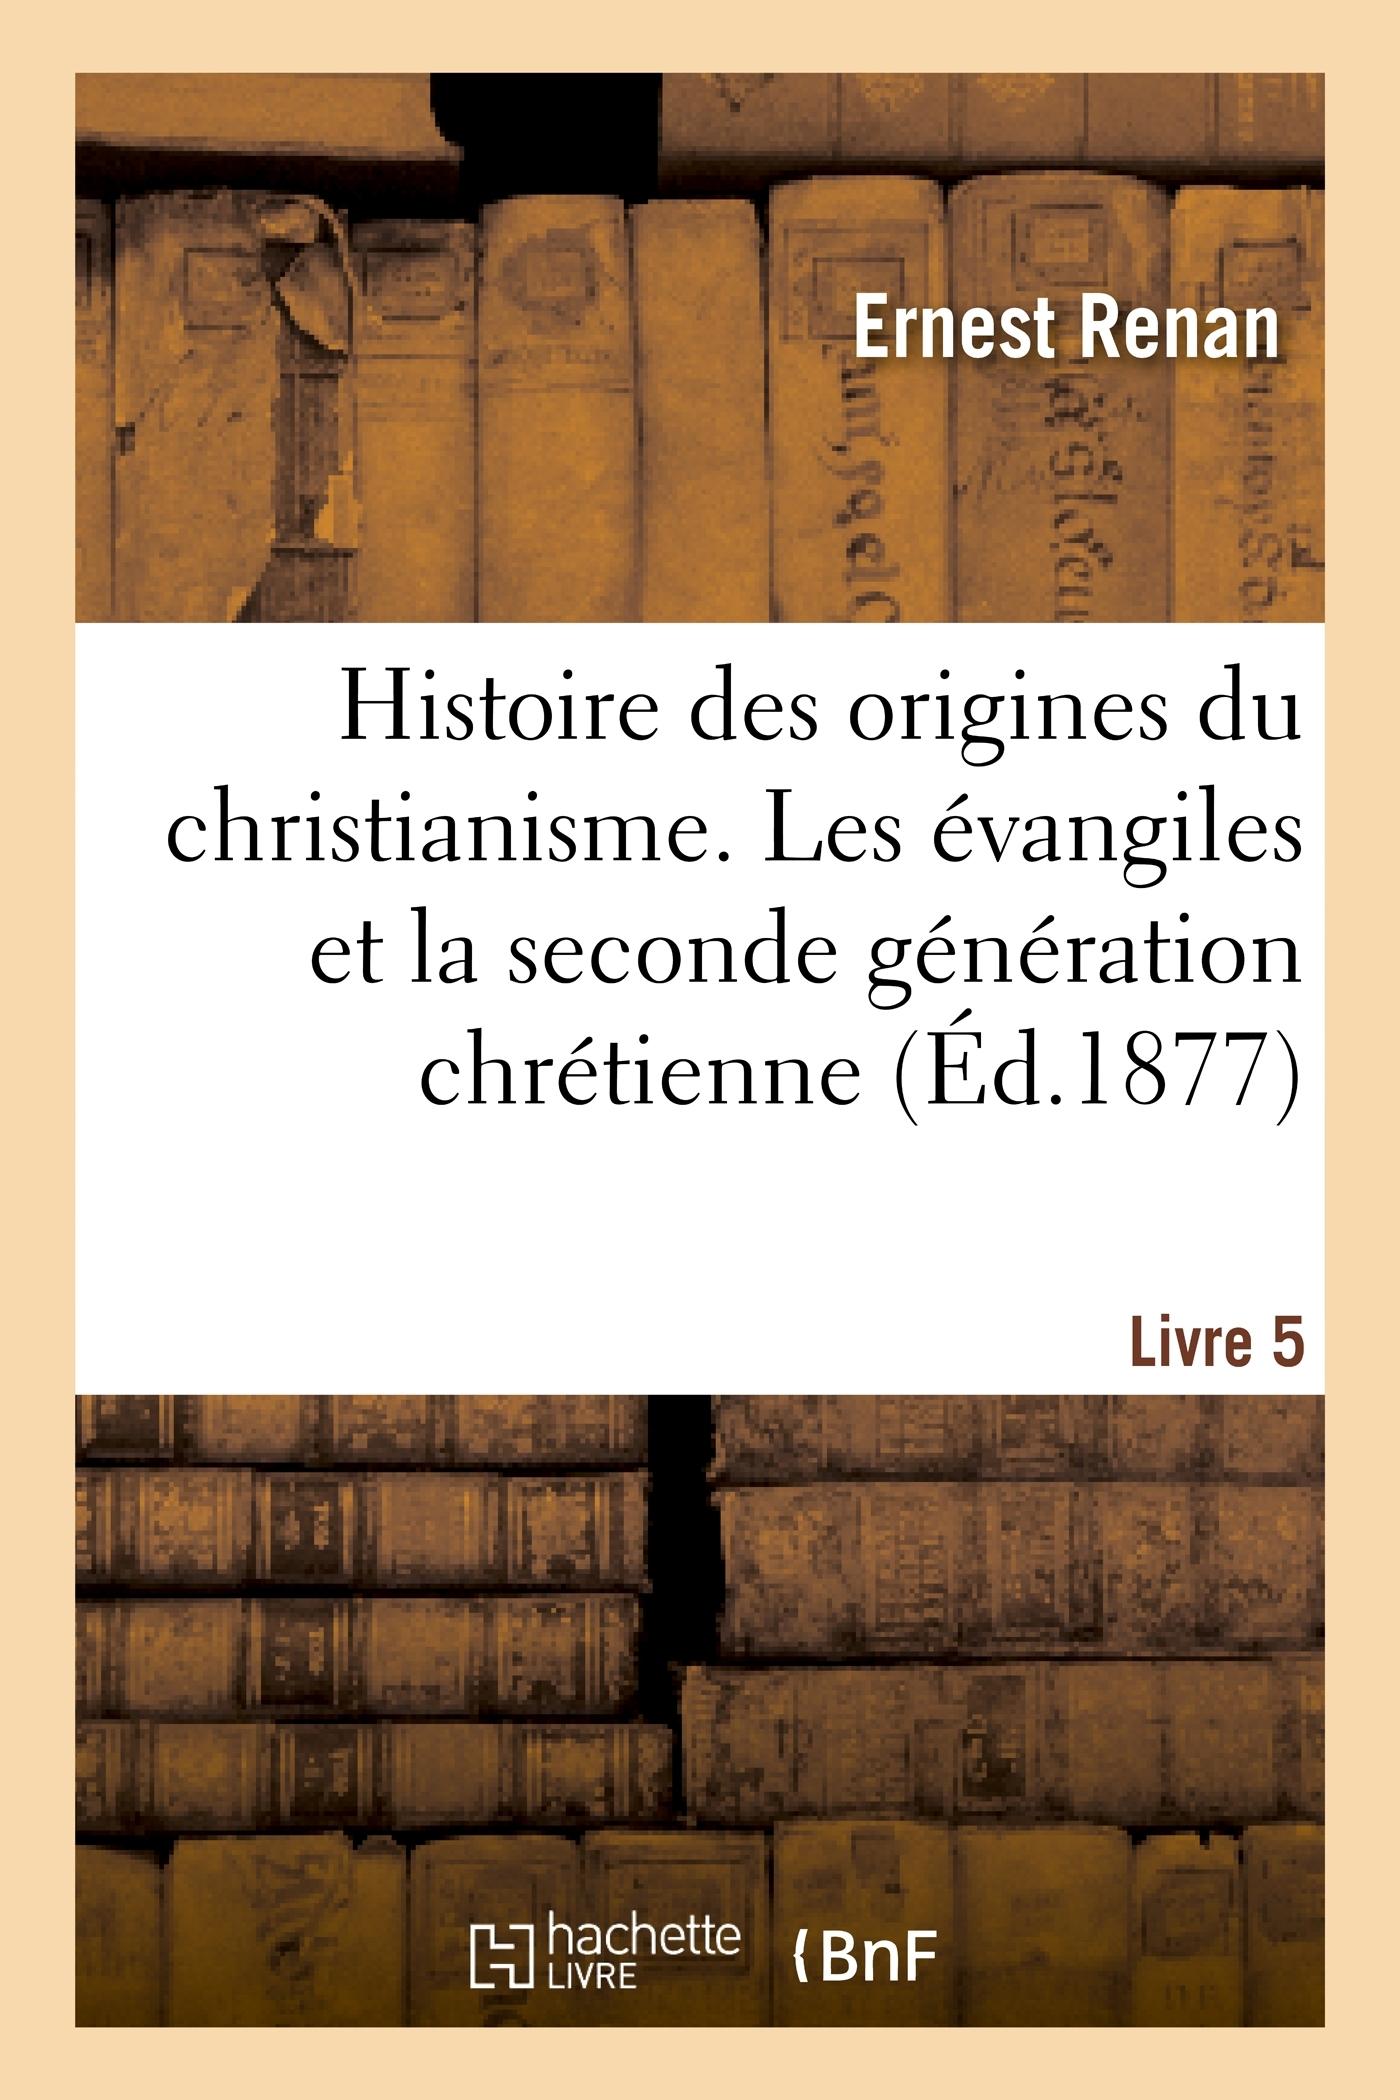 HISTOIRE DES ORIGINES DU CHRISTIANISME. LIVRE 5, LES EVANGILES ET LA SECONDE GENERATION CHRETIENNE